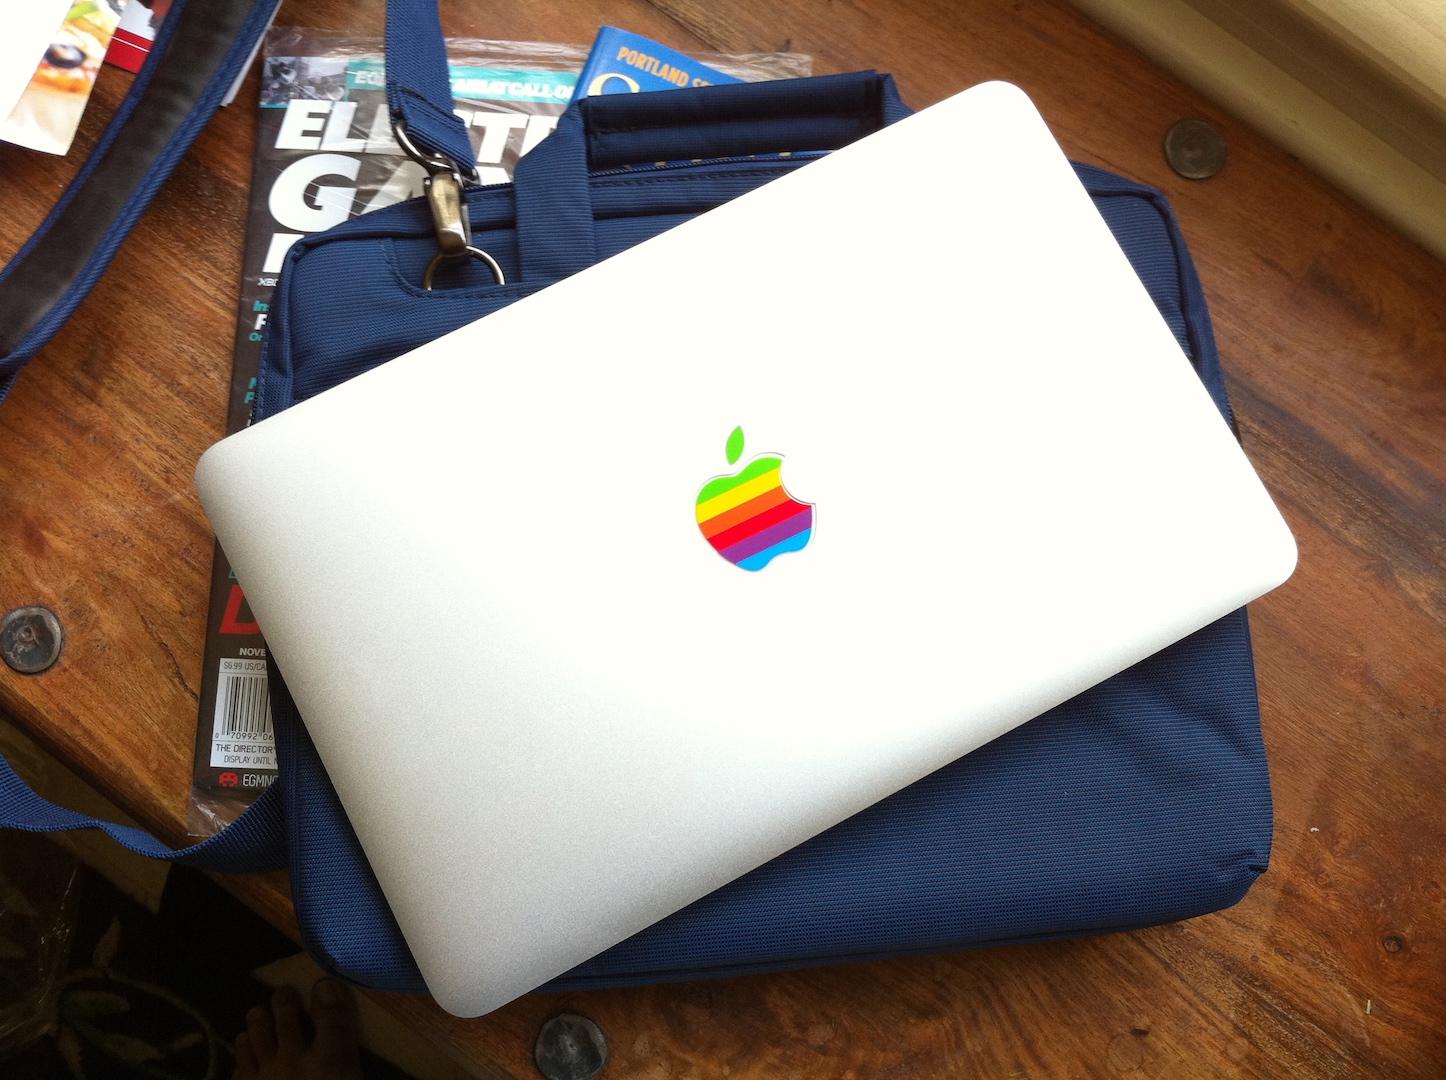 macbook-air-colorful-logo.jpg